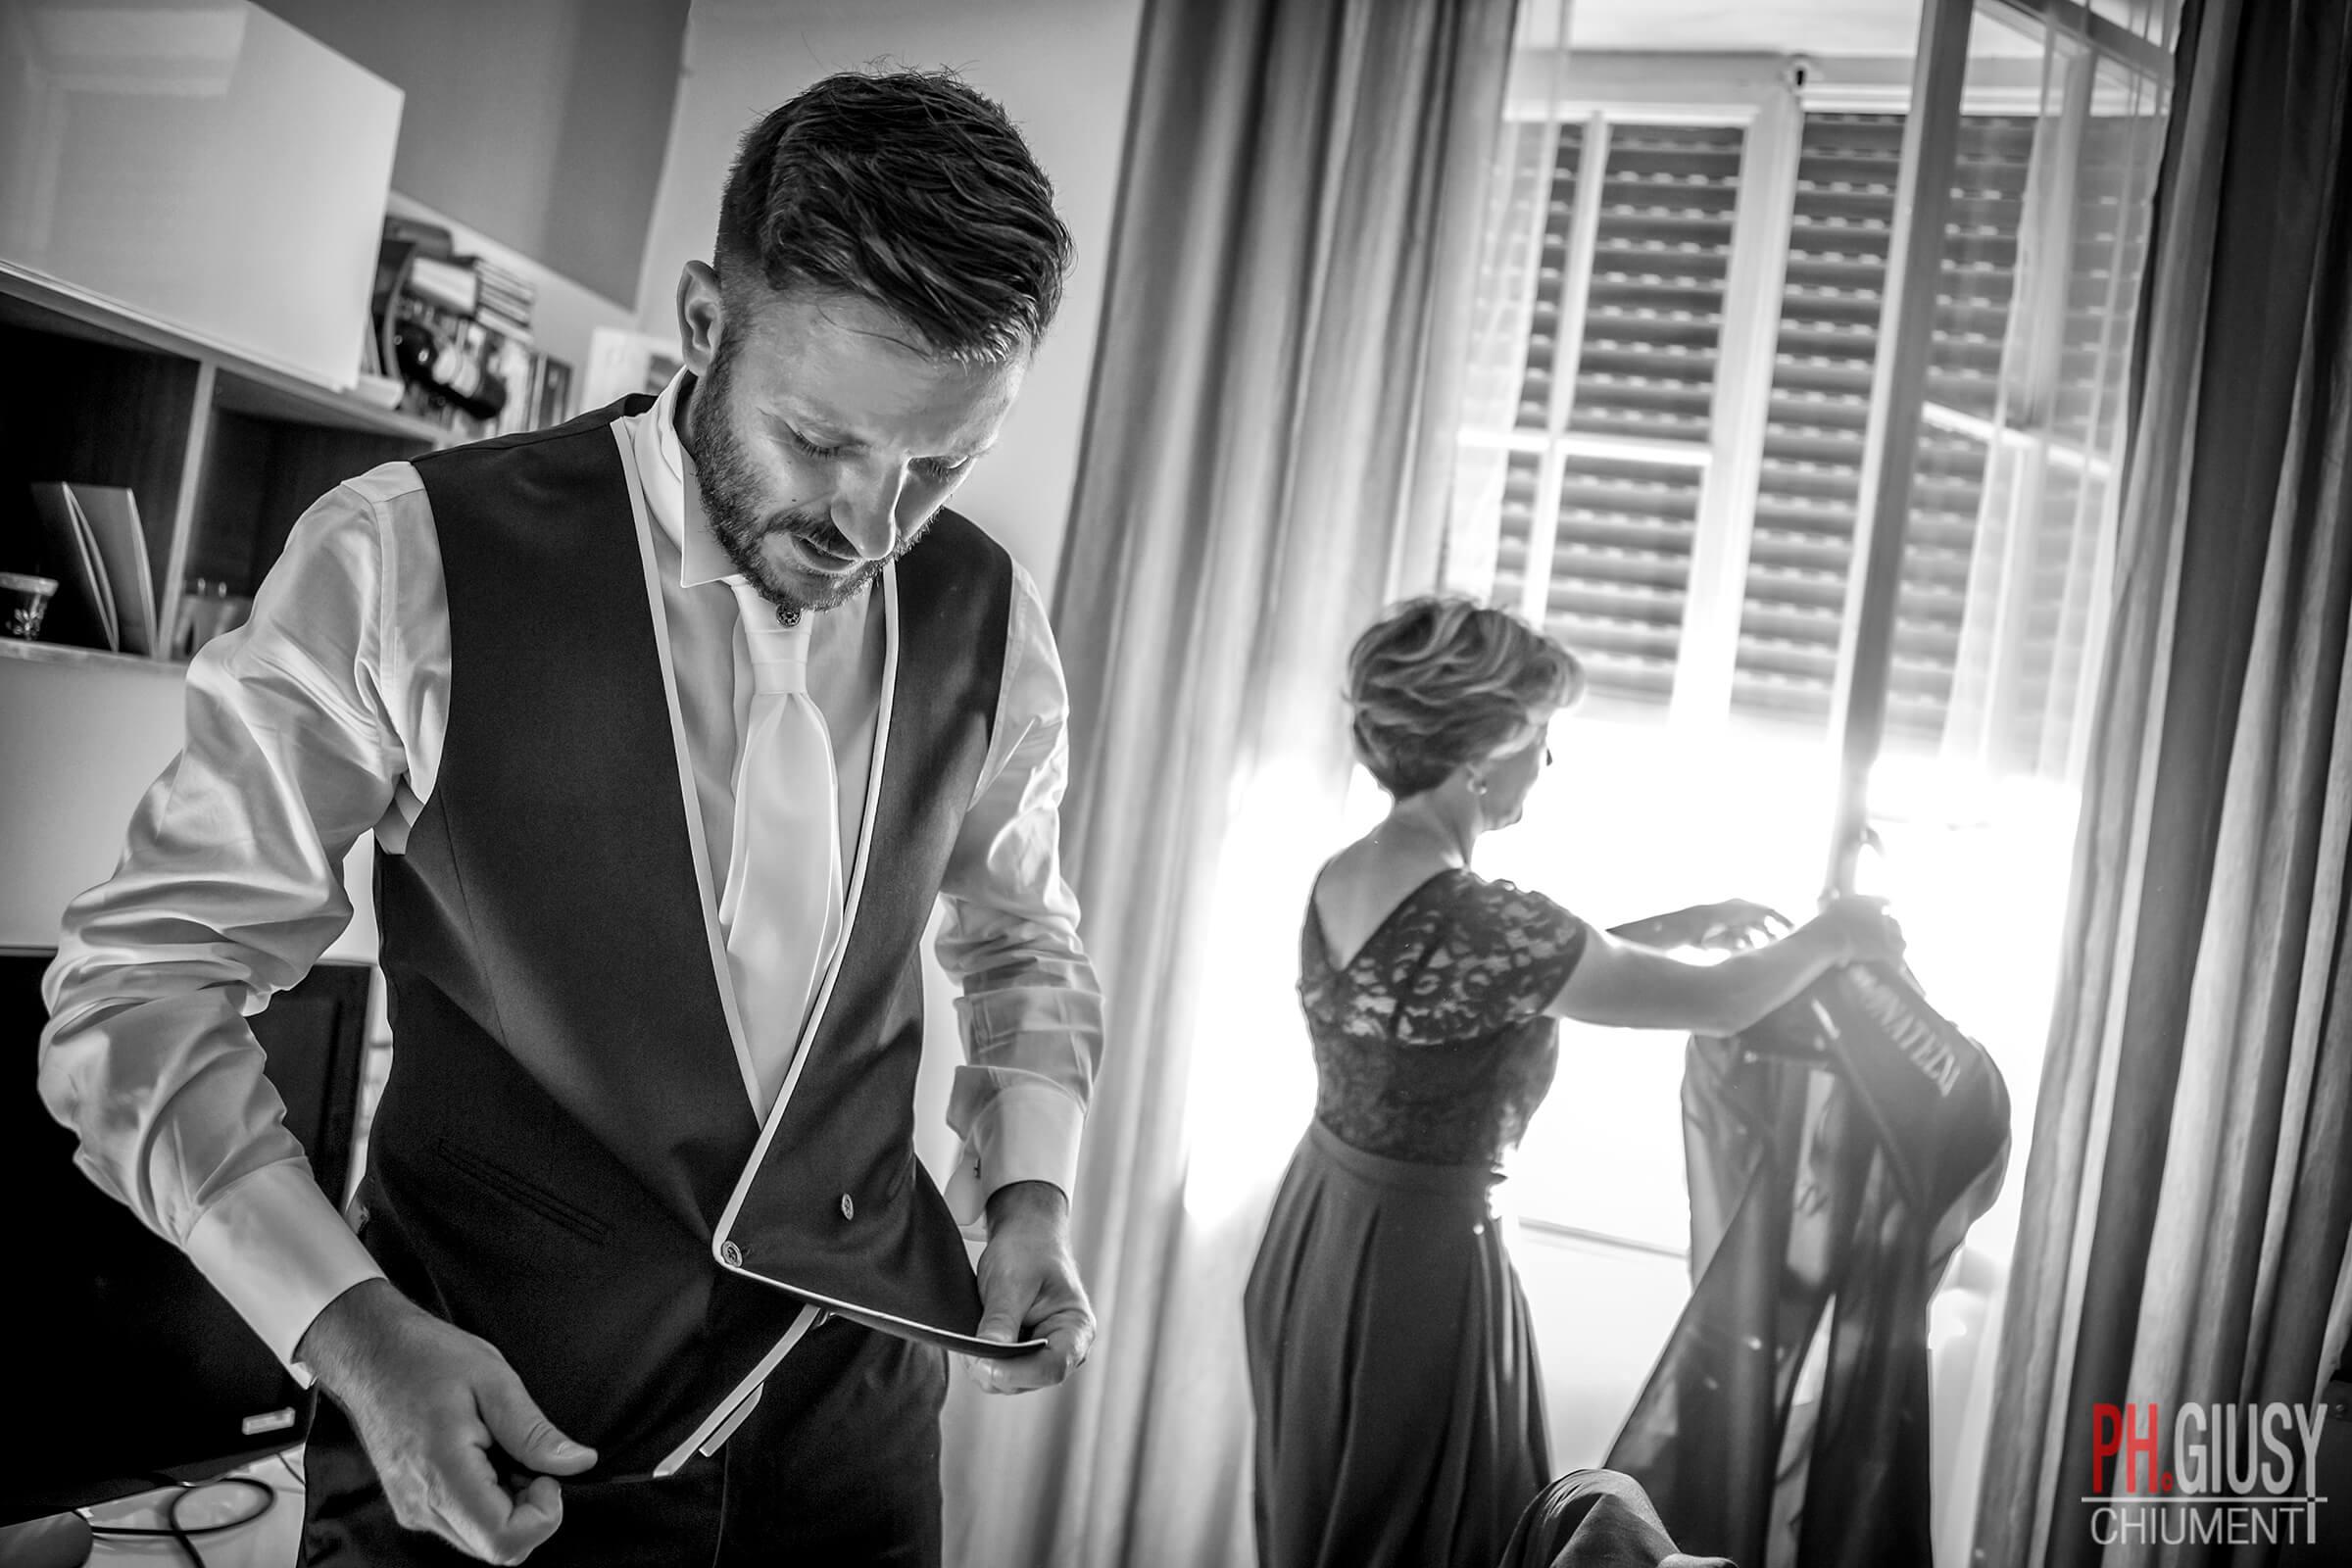 Matrimoni Giusy Chiumenti 1